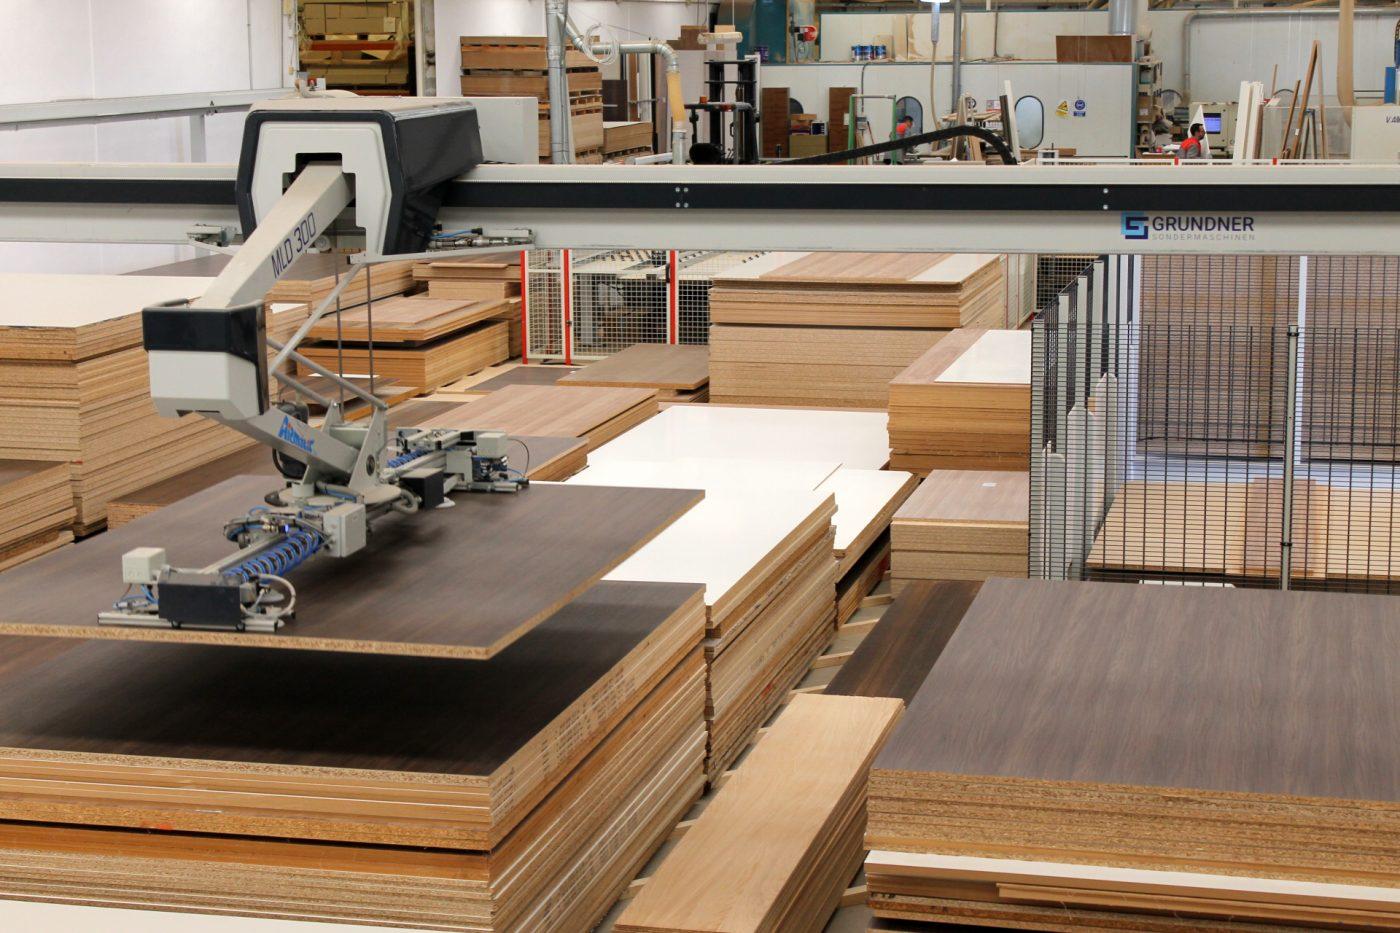 EMEDE gana flexibilidad, productividad, control y espacio, con un almacén inteligente GRUNDNER